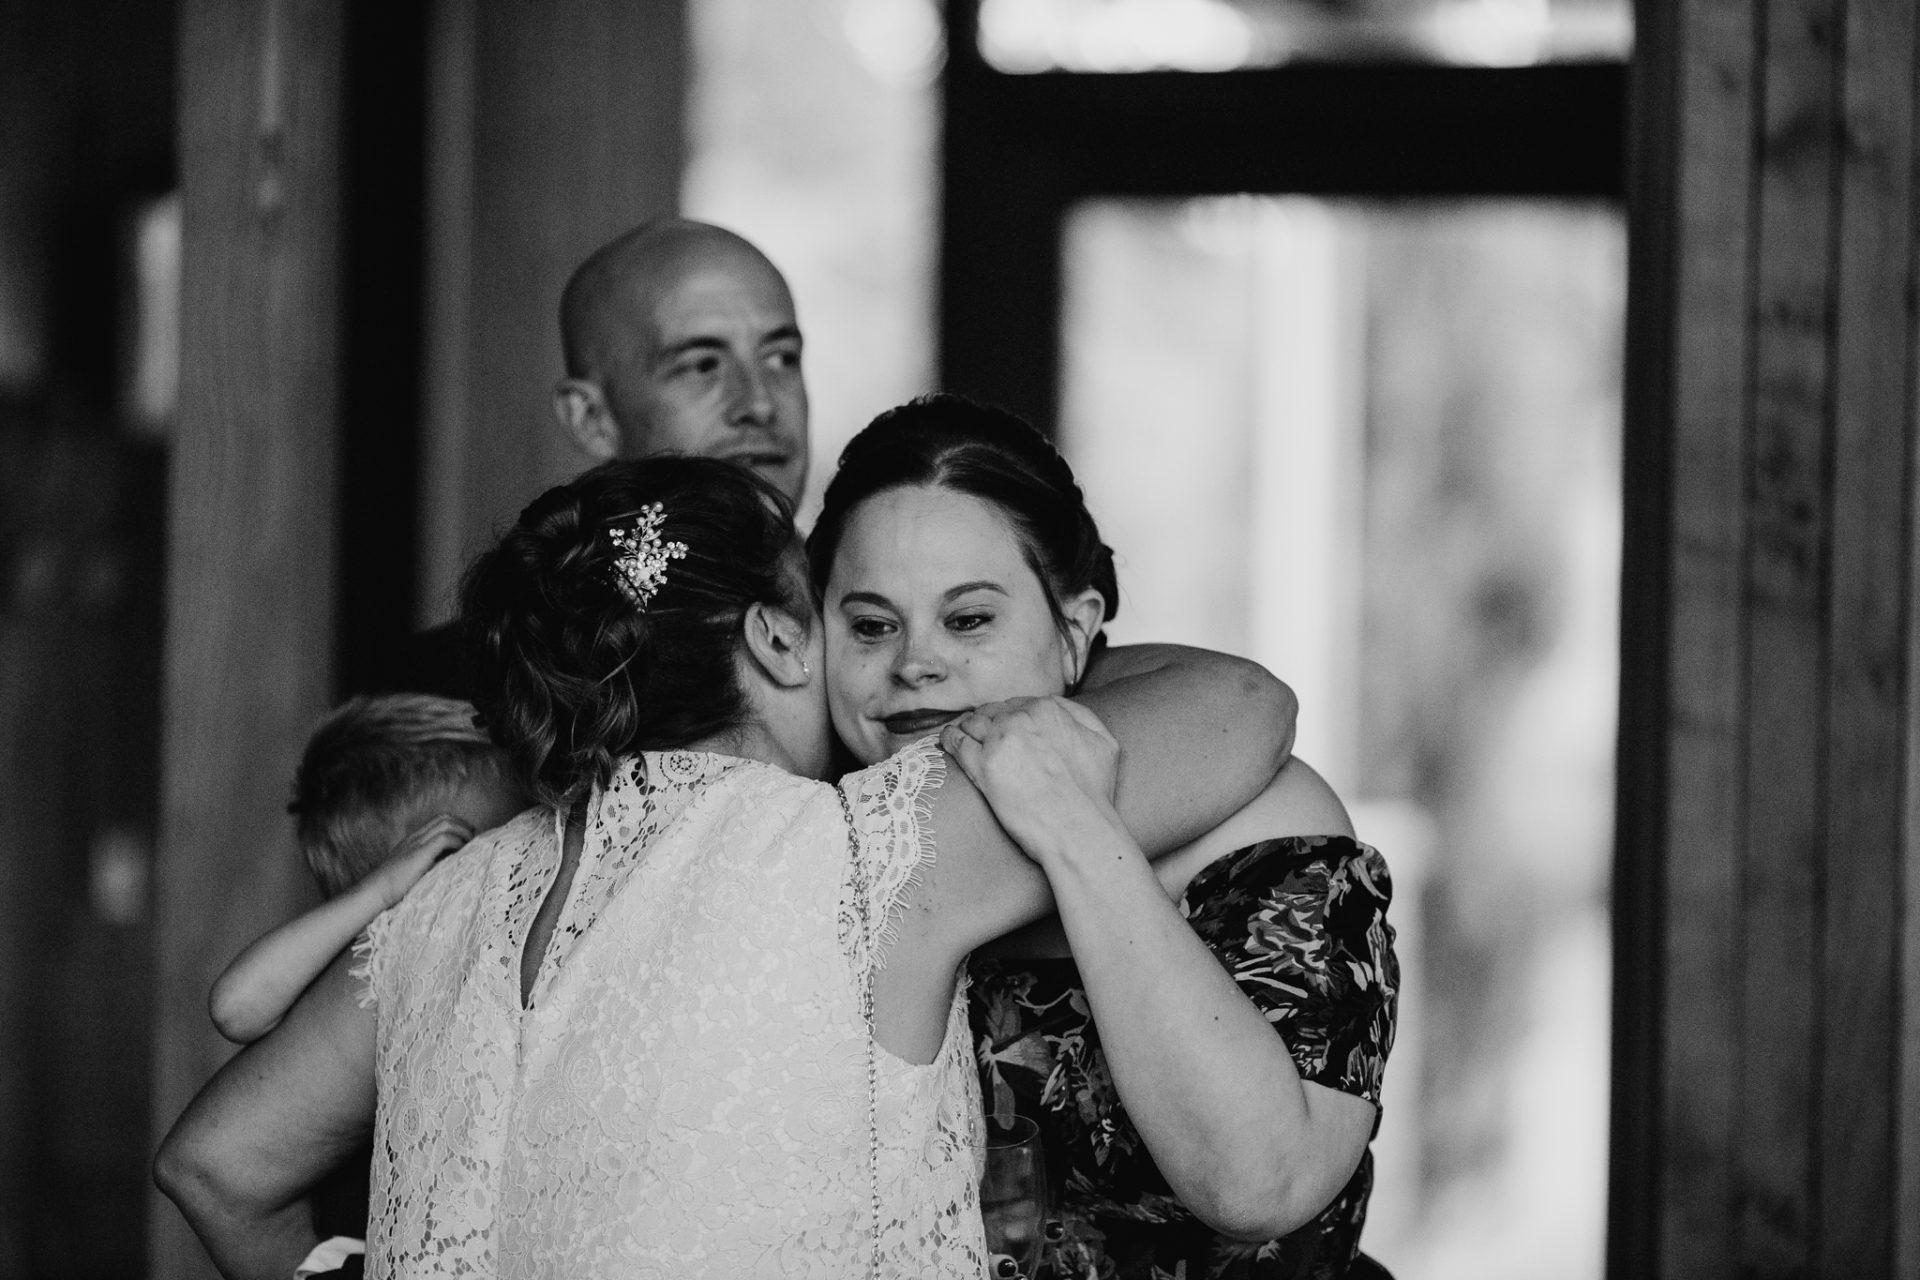 emotional moment hug